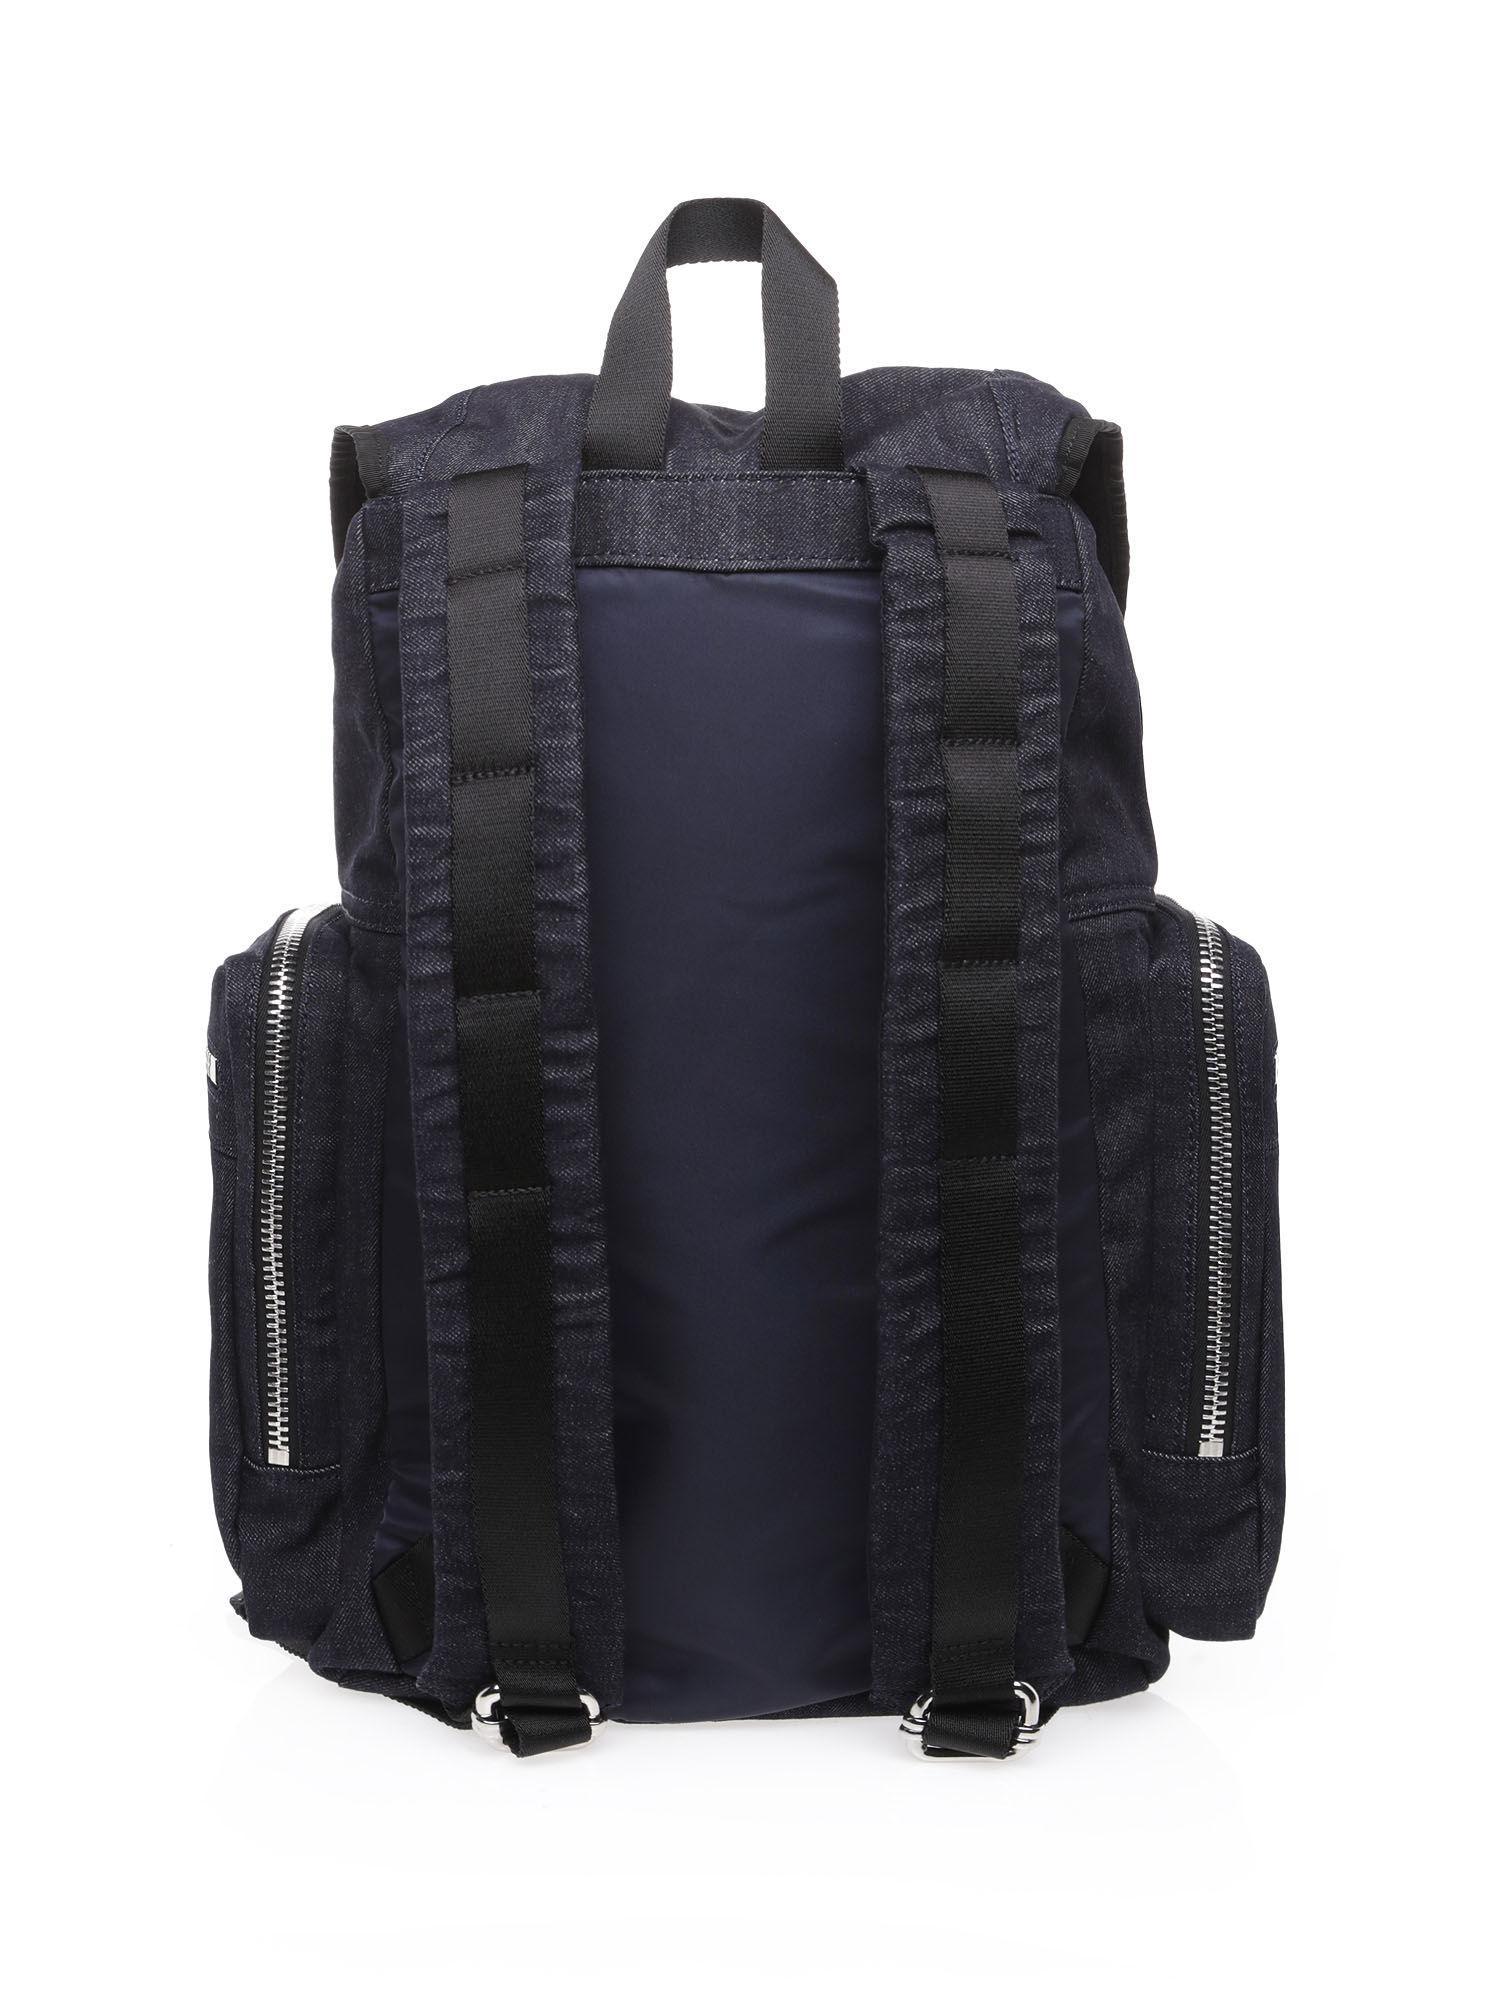 deee54146fd5 DIESEL - Blue Denim Backpack With Metal Accessories for Men - Lyst. View  fullscreen